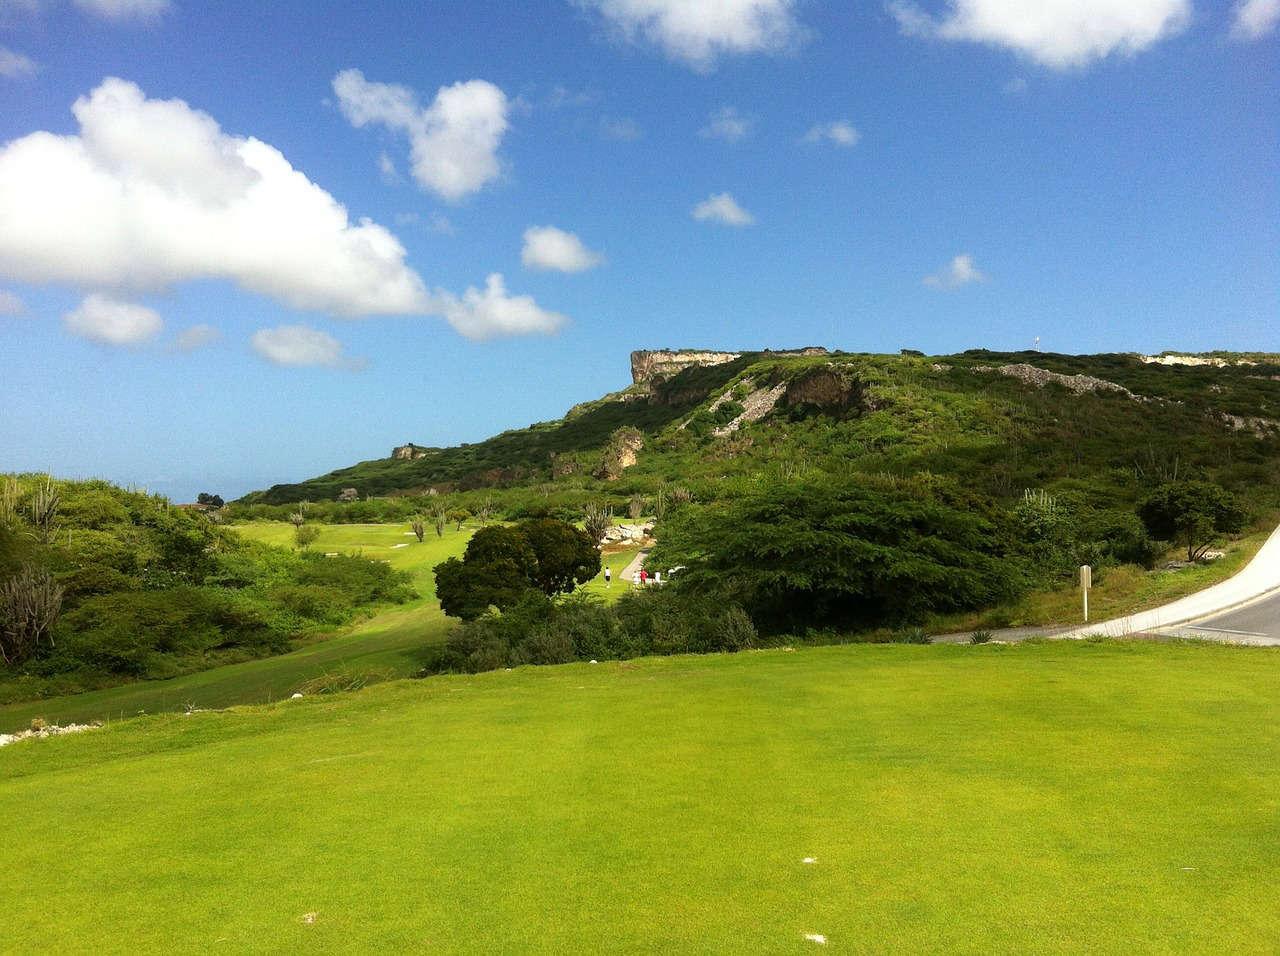 Der gepflegte Golfplatz